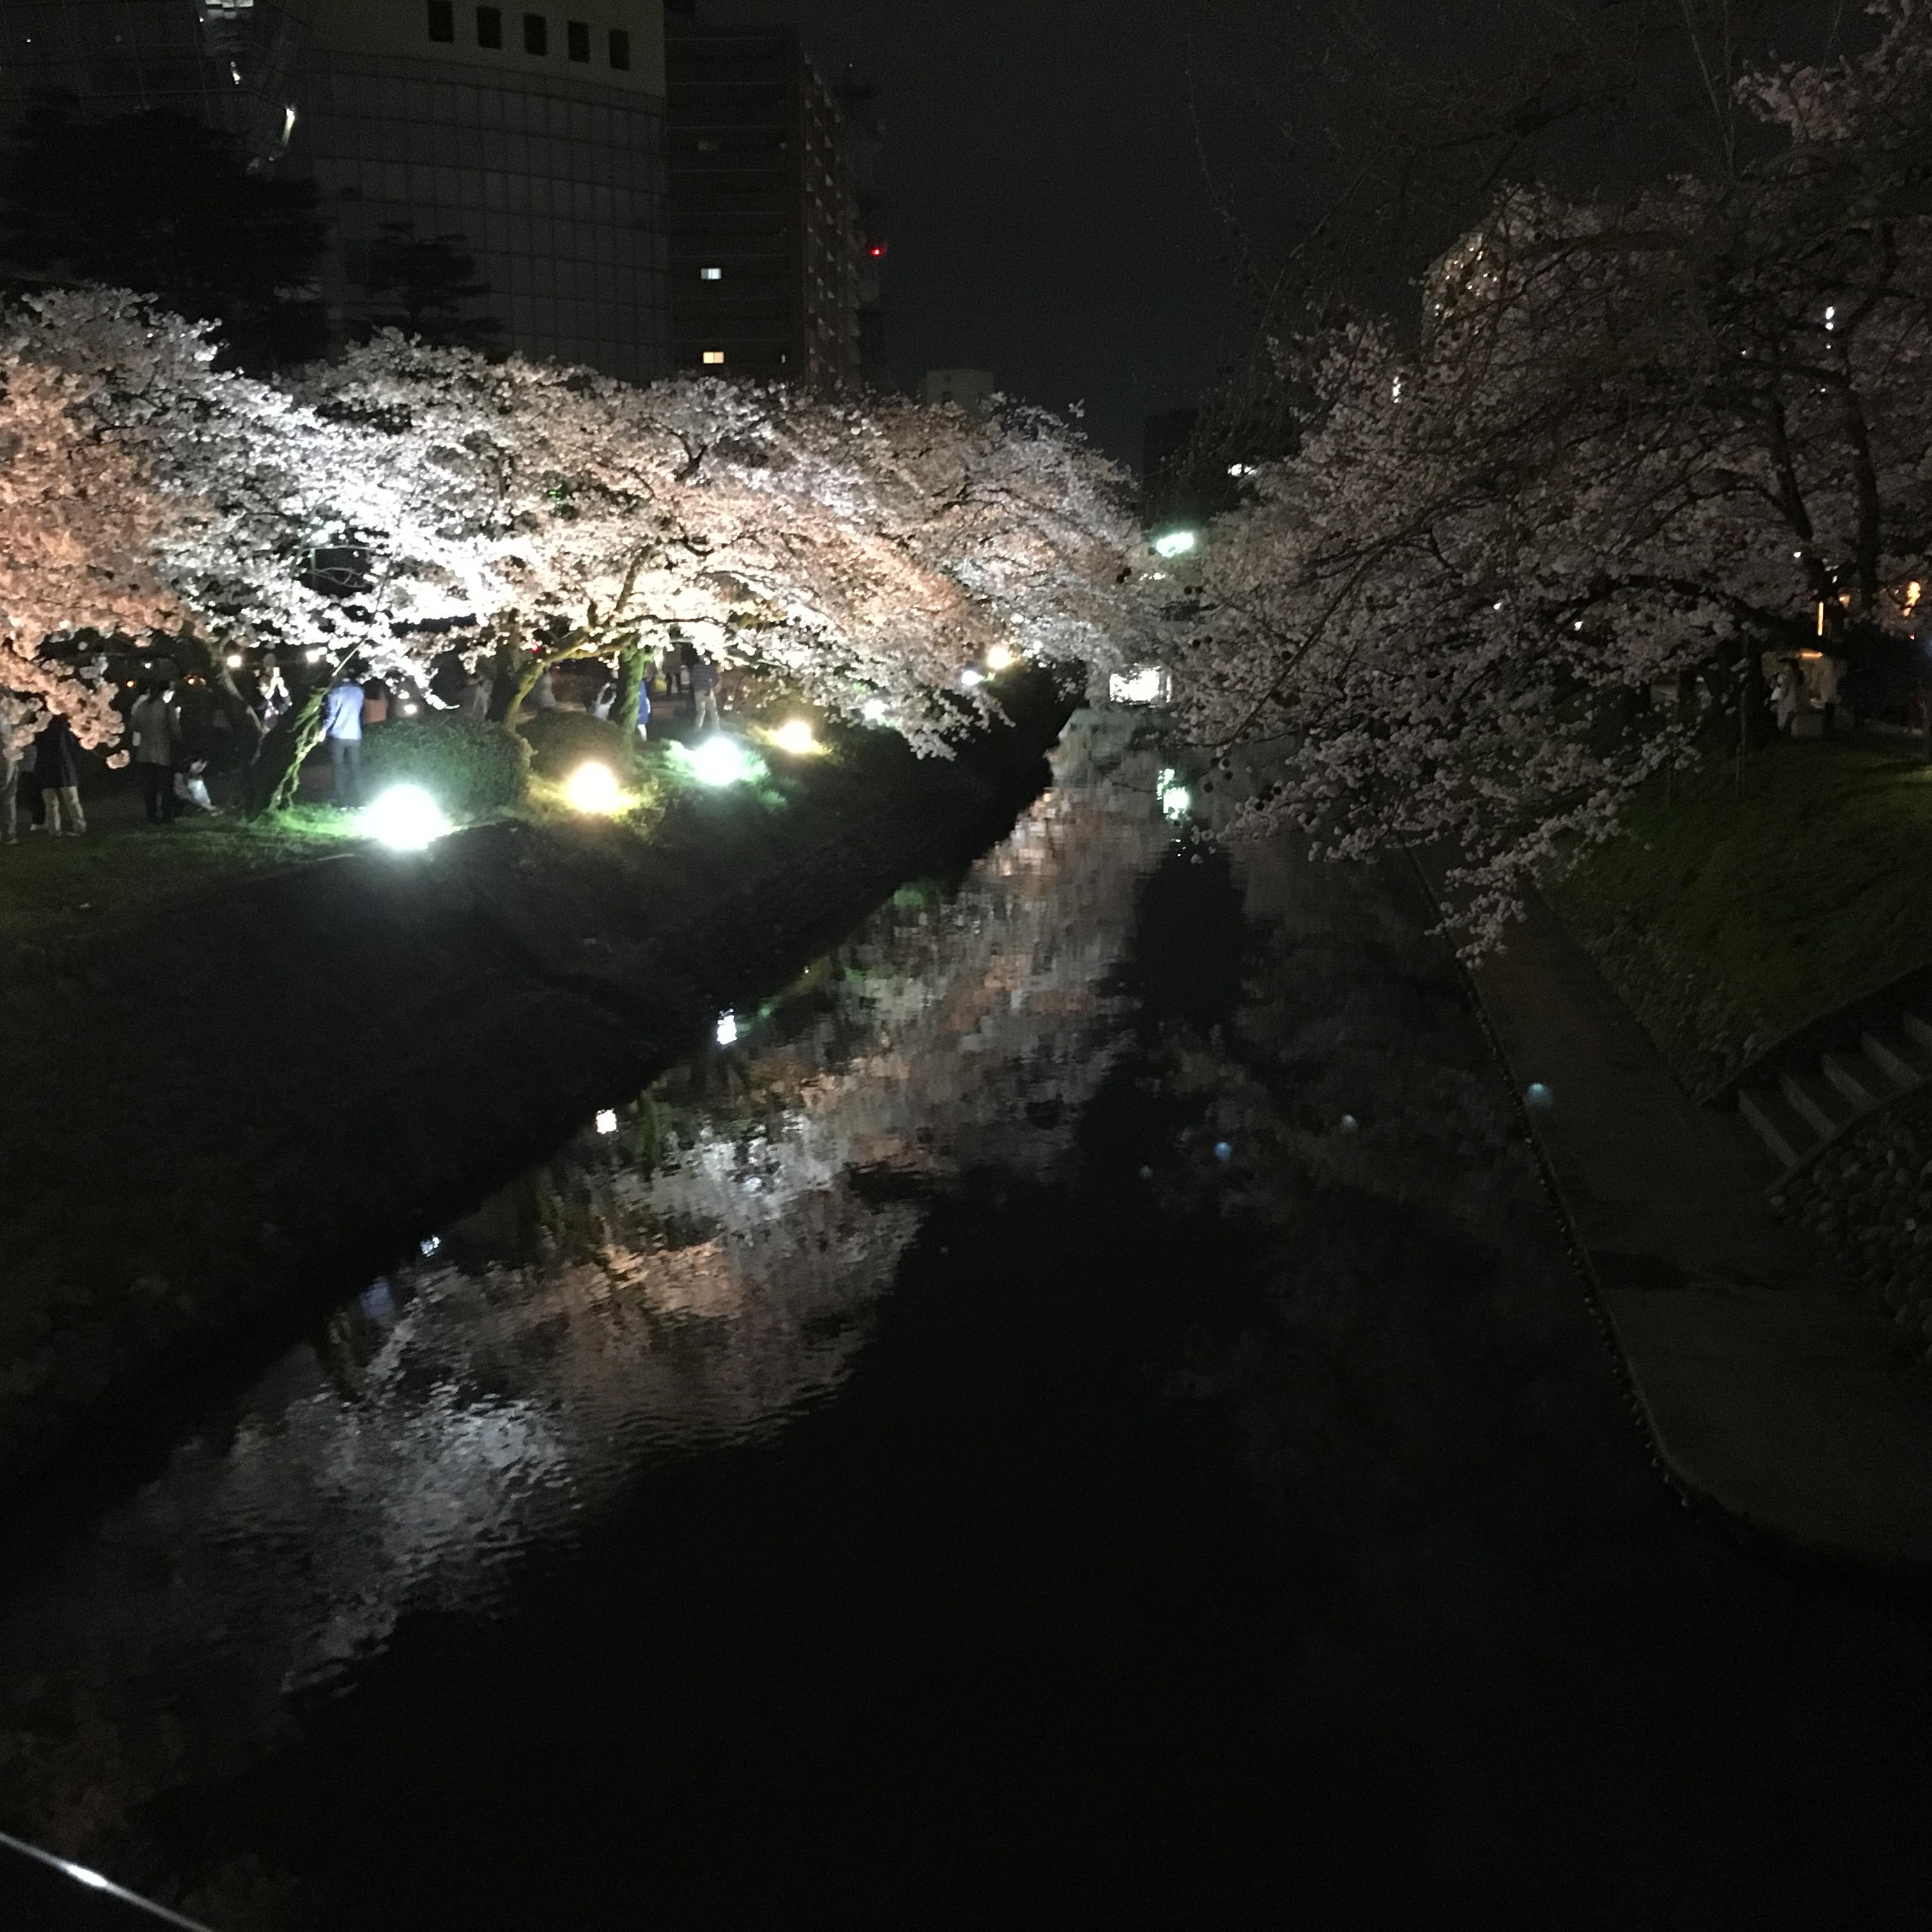 松川の夜桜。川面に映り込む桜がとても綺麗です